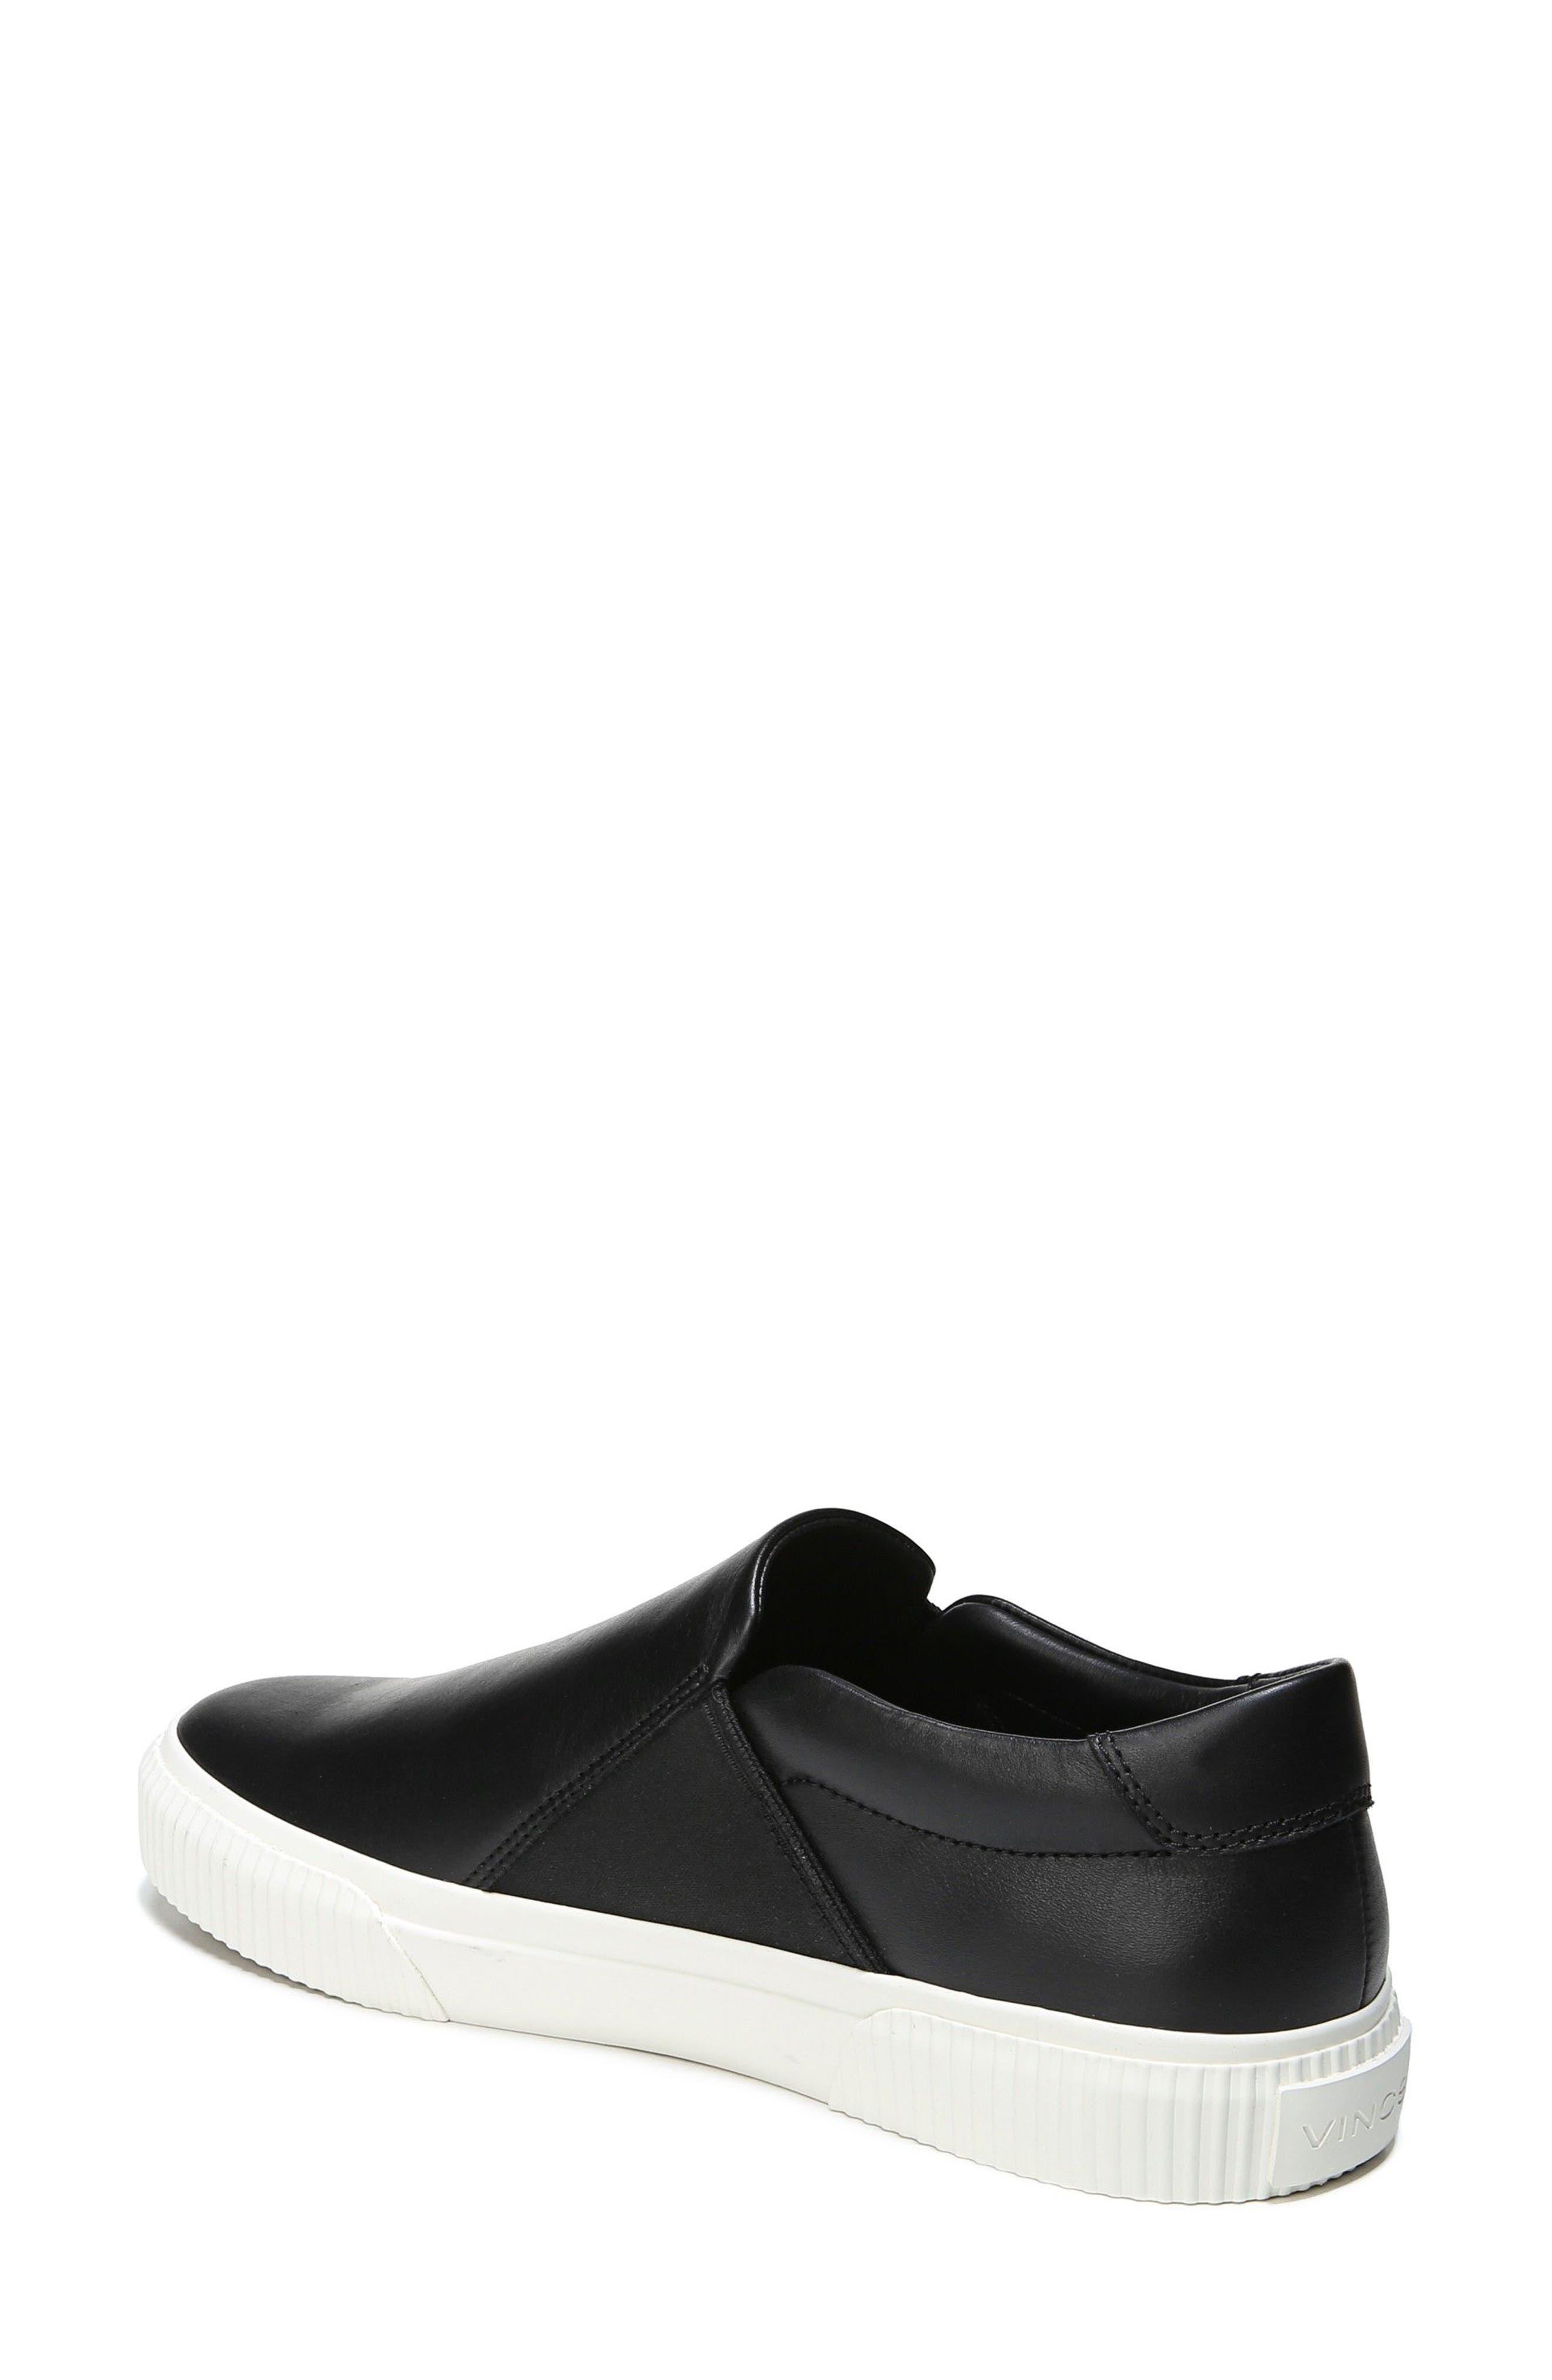 Knox Slip-On Sneaker,                             Alternate thumbnail 2, color,                             001